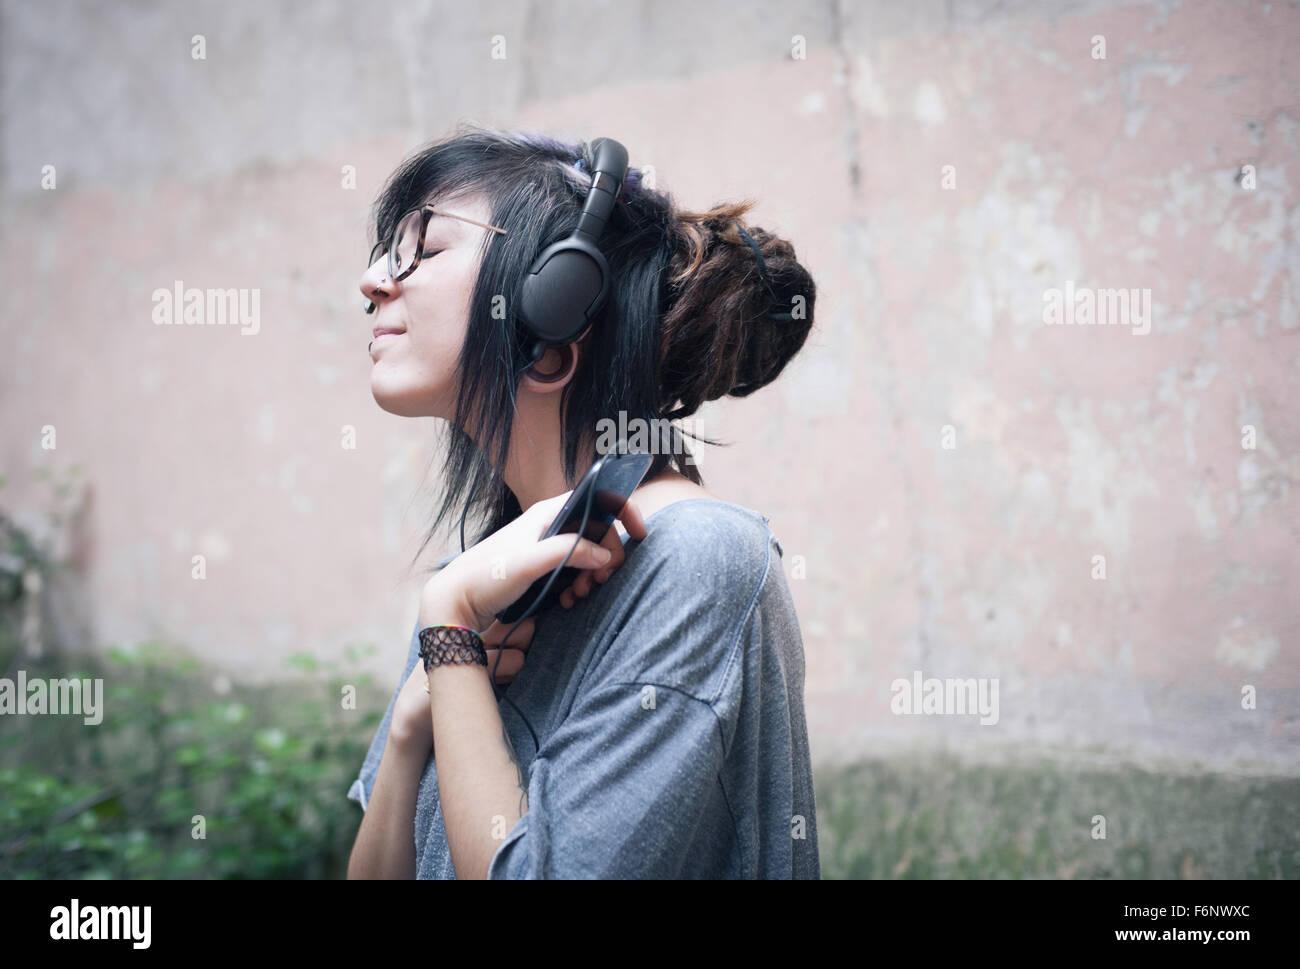 Femme de l'adolescence avec un casque à l'écoute de la musique avec une profonde émotion Photo Stock